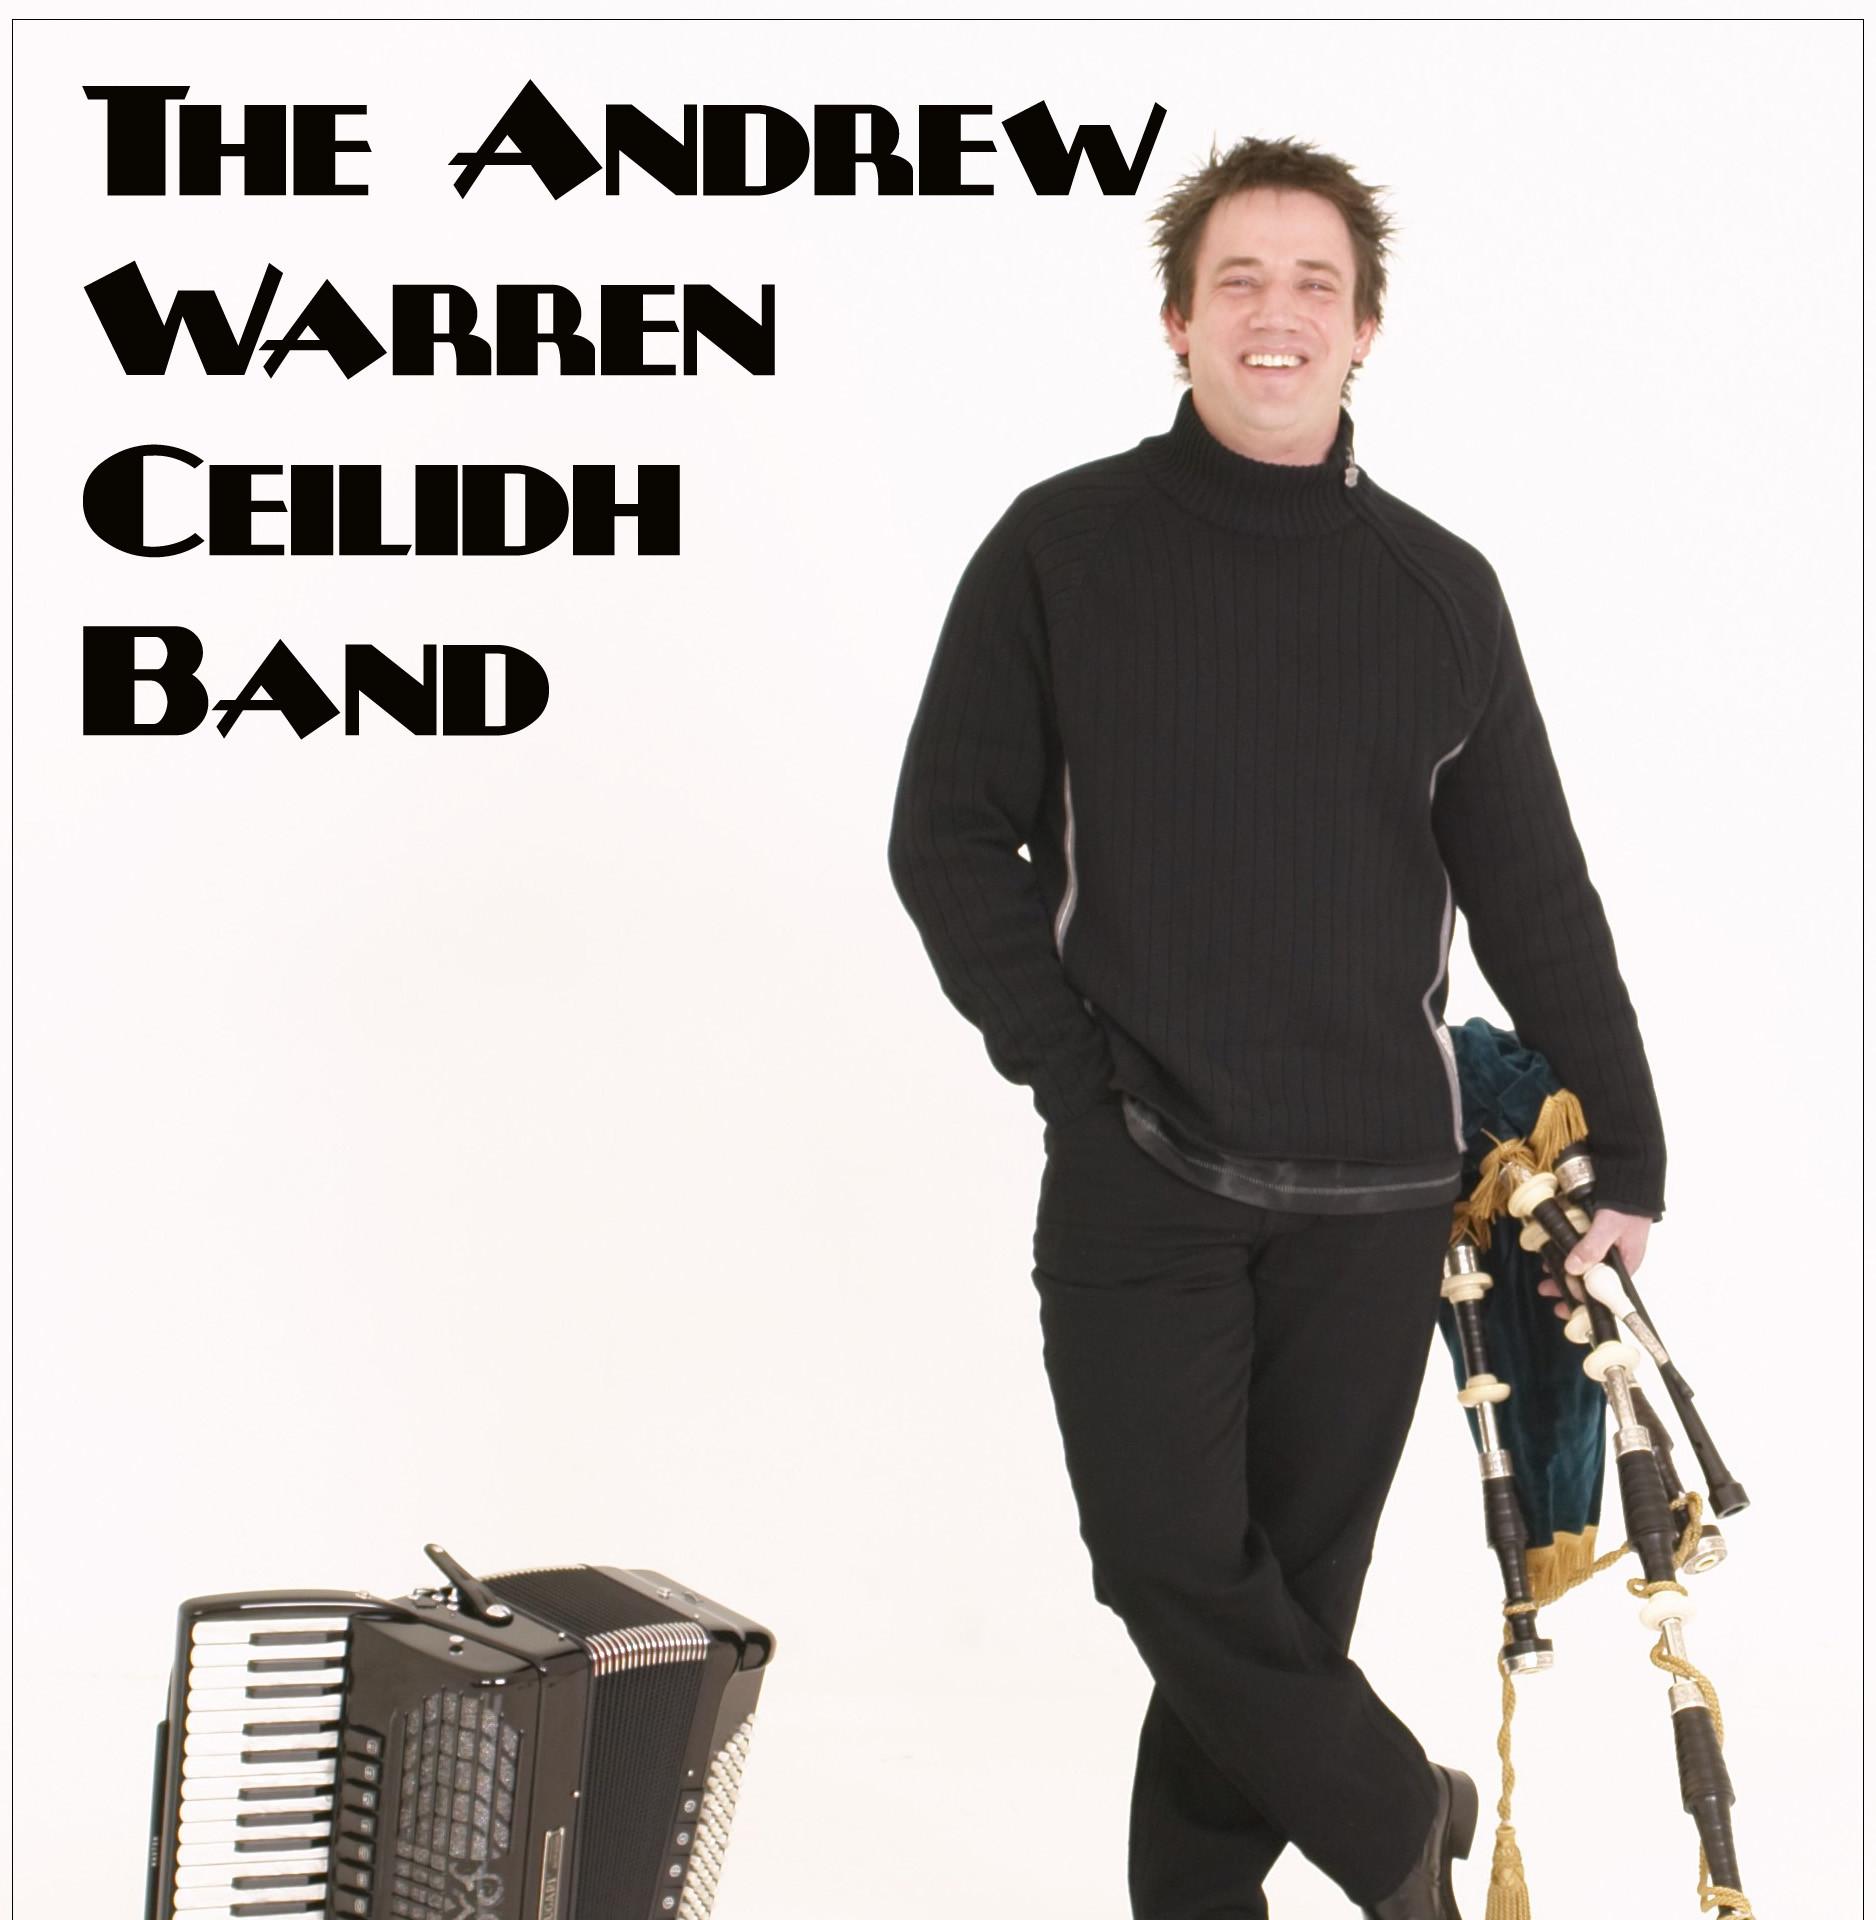 Andrew Warren